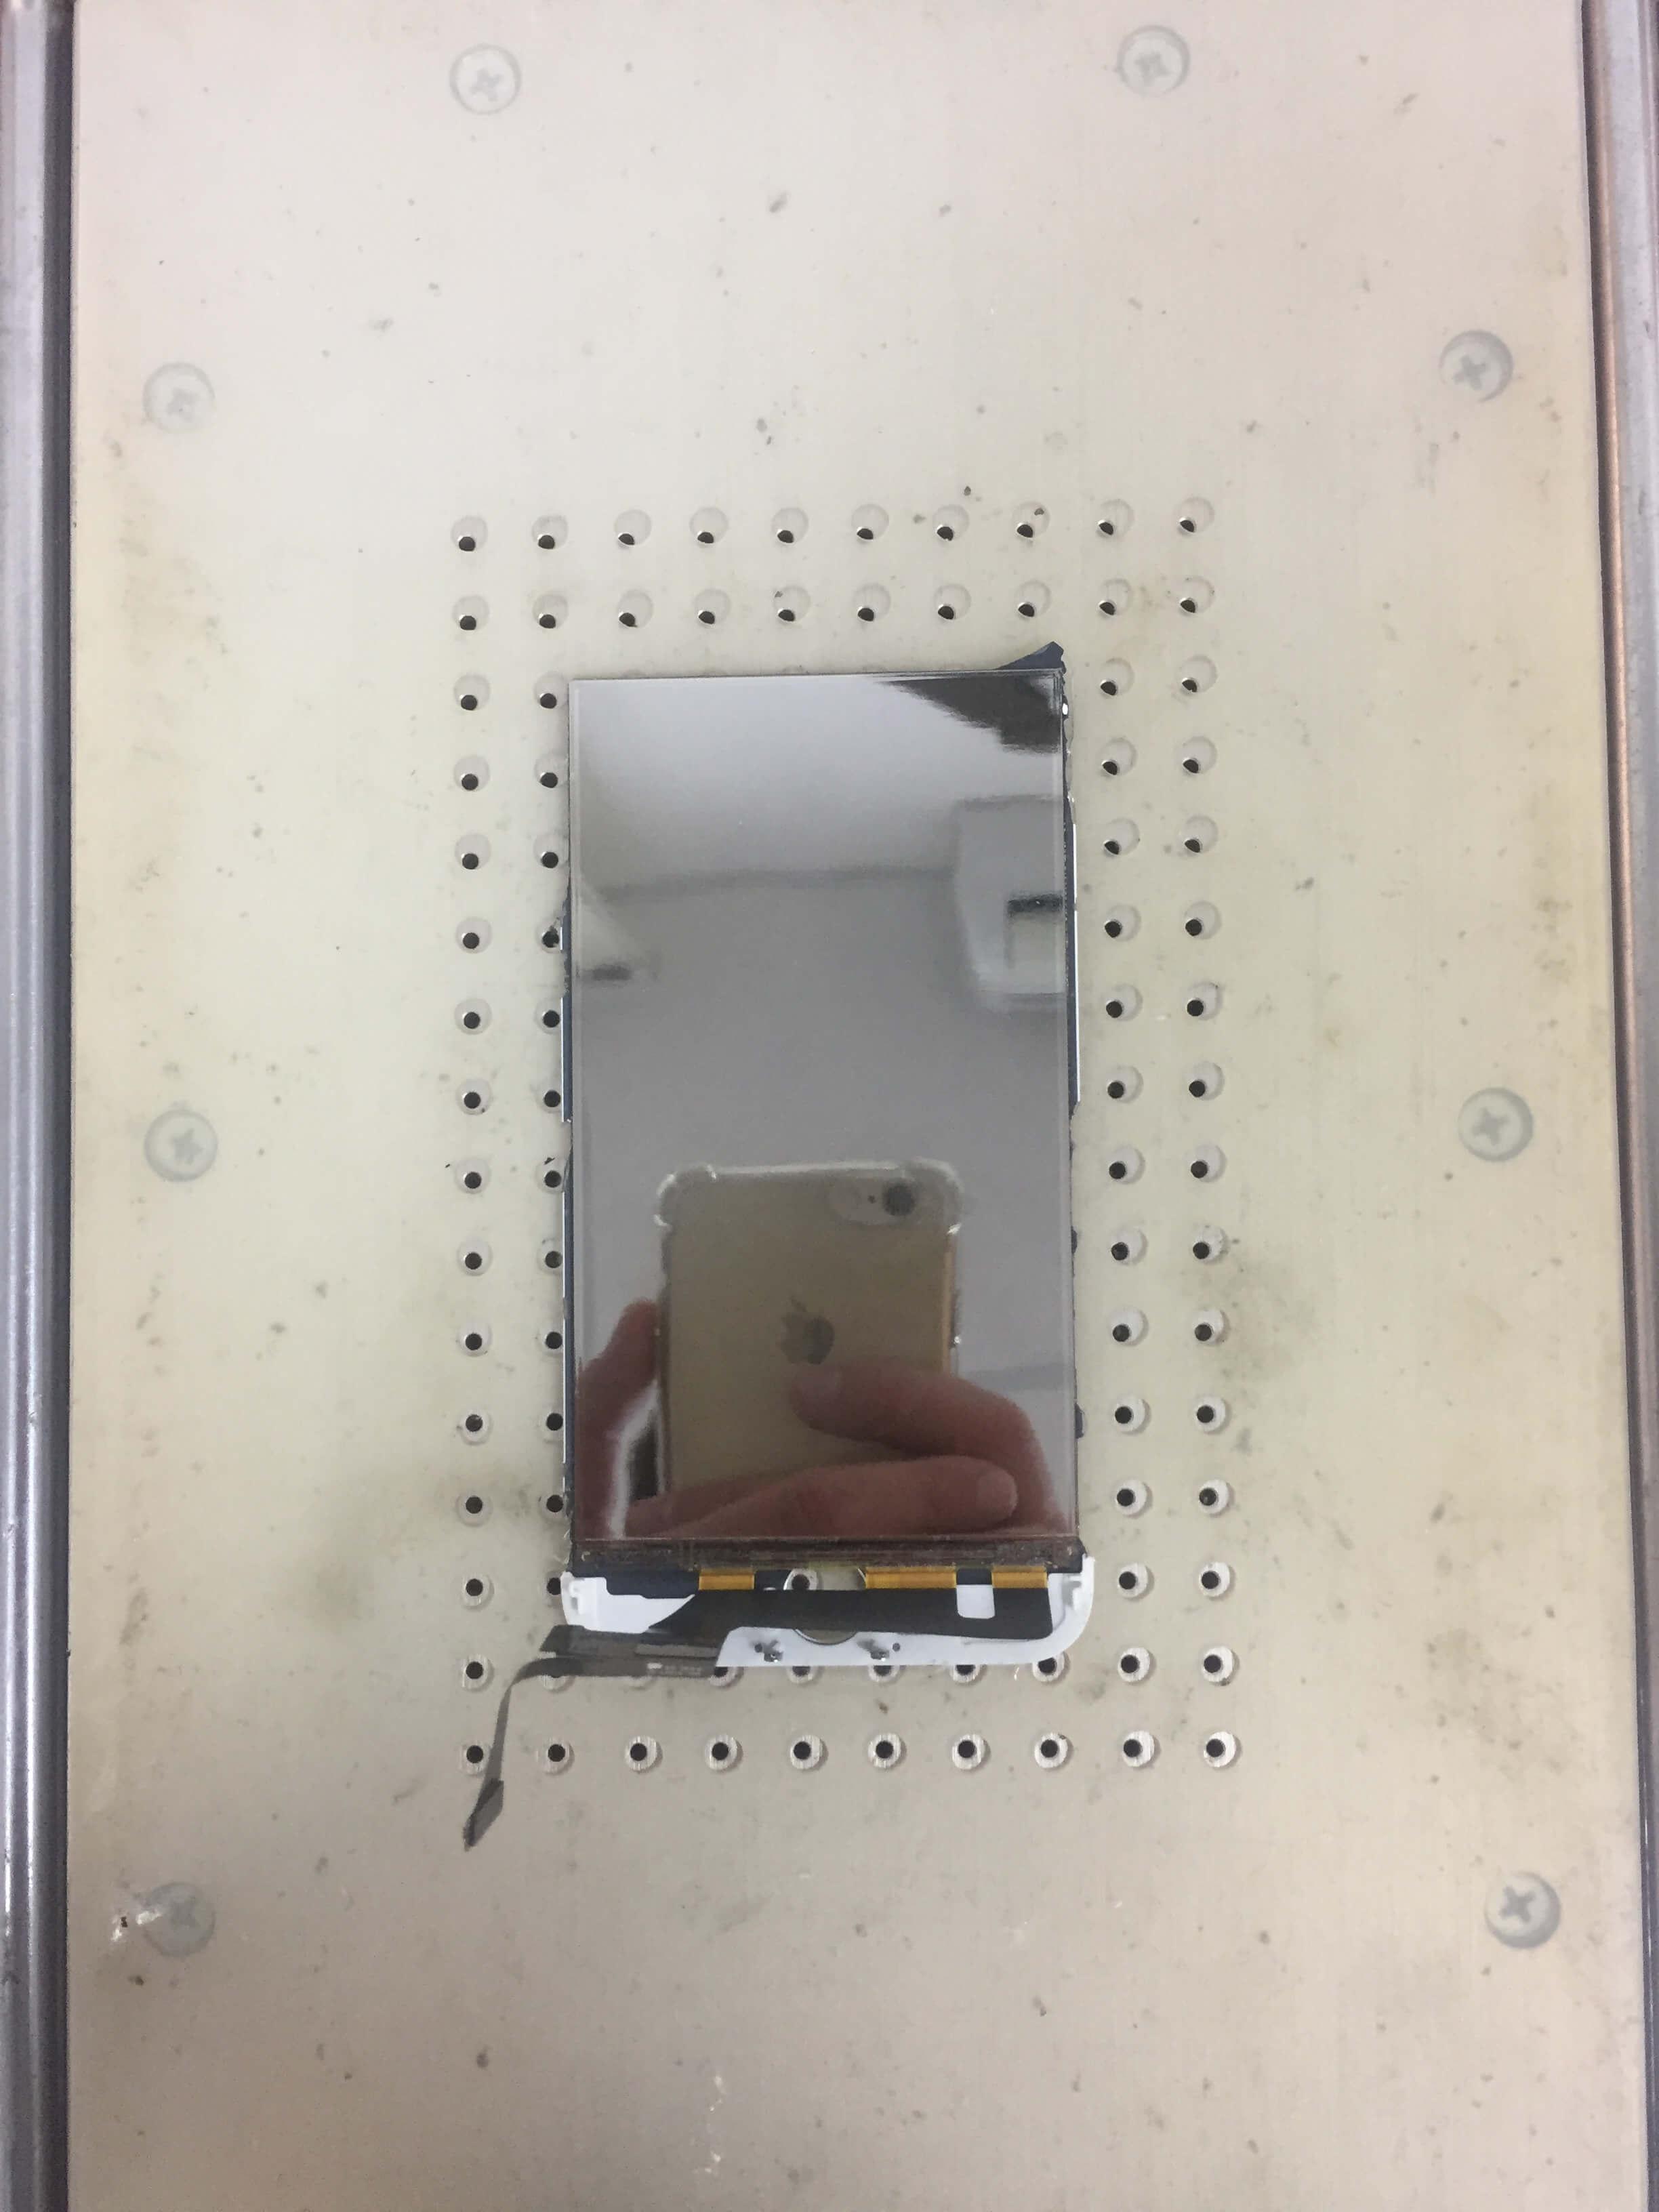 Прогреваем дисплей на сепараторе